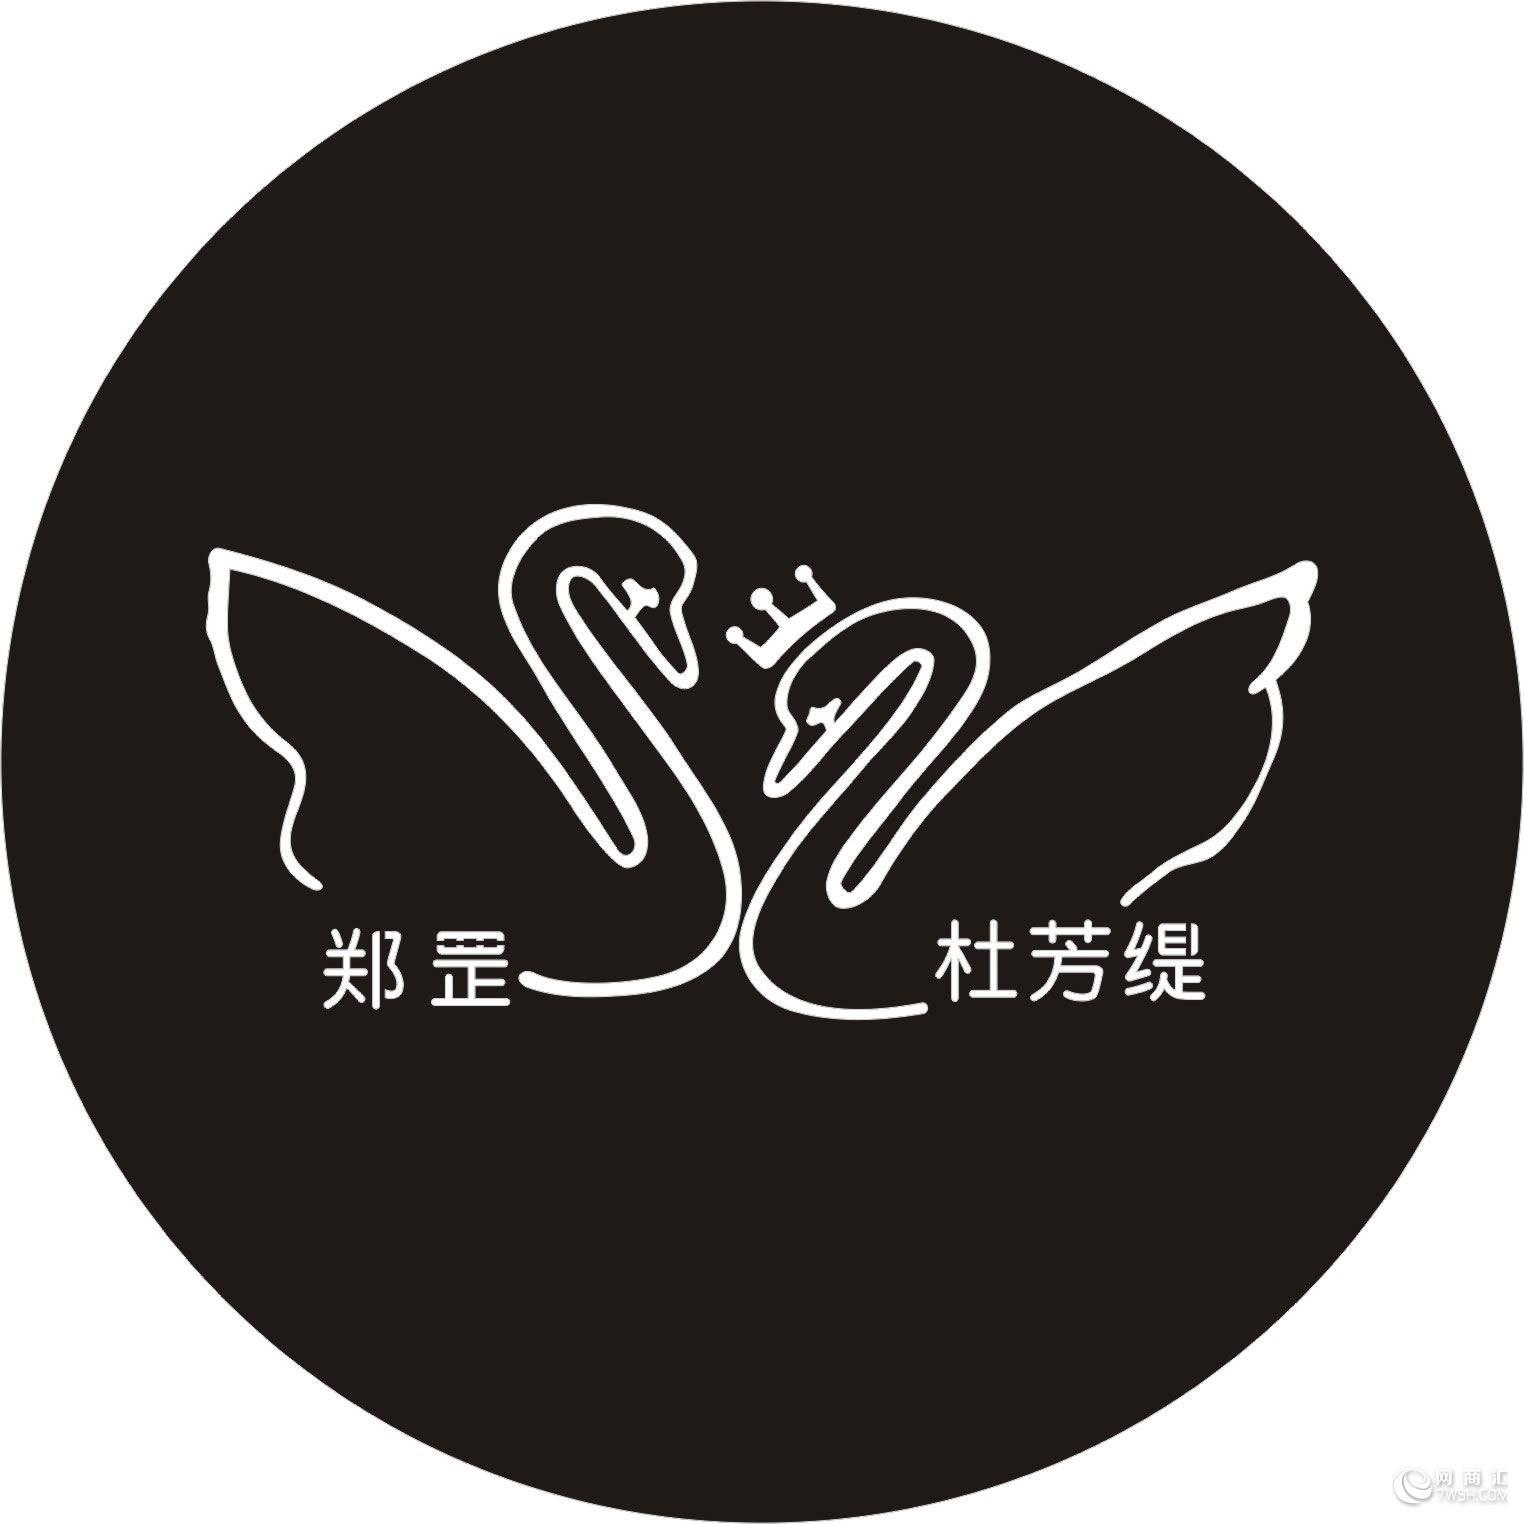 北京舞台灯电脑灯GOBO图案片制作中心,(王京 131 4132 9677)专业制作电脑灯、摇头灯、 成像灯、扫描灯、投影投射灯的LOGO片GOBO图案片,其材料有玻璃和金属两种(其中玻璃可以做成单色和彩色的)。LOGO片的图形、文字、大小等内容由贵公司提供。我们会根据您的要求,有专业的设计人员来为您排版、设计和制作。想客户所想,急客户所急 是我中心的服务宗旨。在长期的与客户合作过程中,这一宗旨得到了大家的广泛认可。服务好老客户,结识新客户是我们永远的追求。欢迎来电来函,真诚期待为您服务合作客户:北